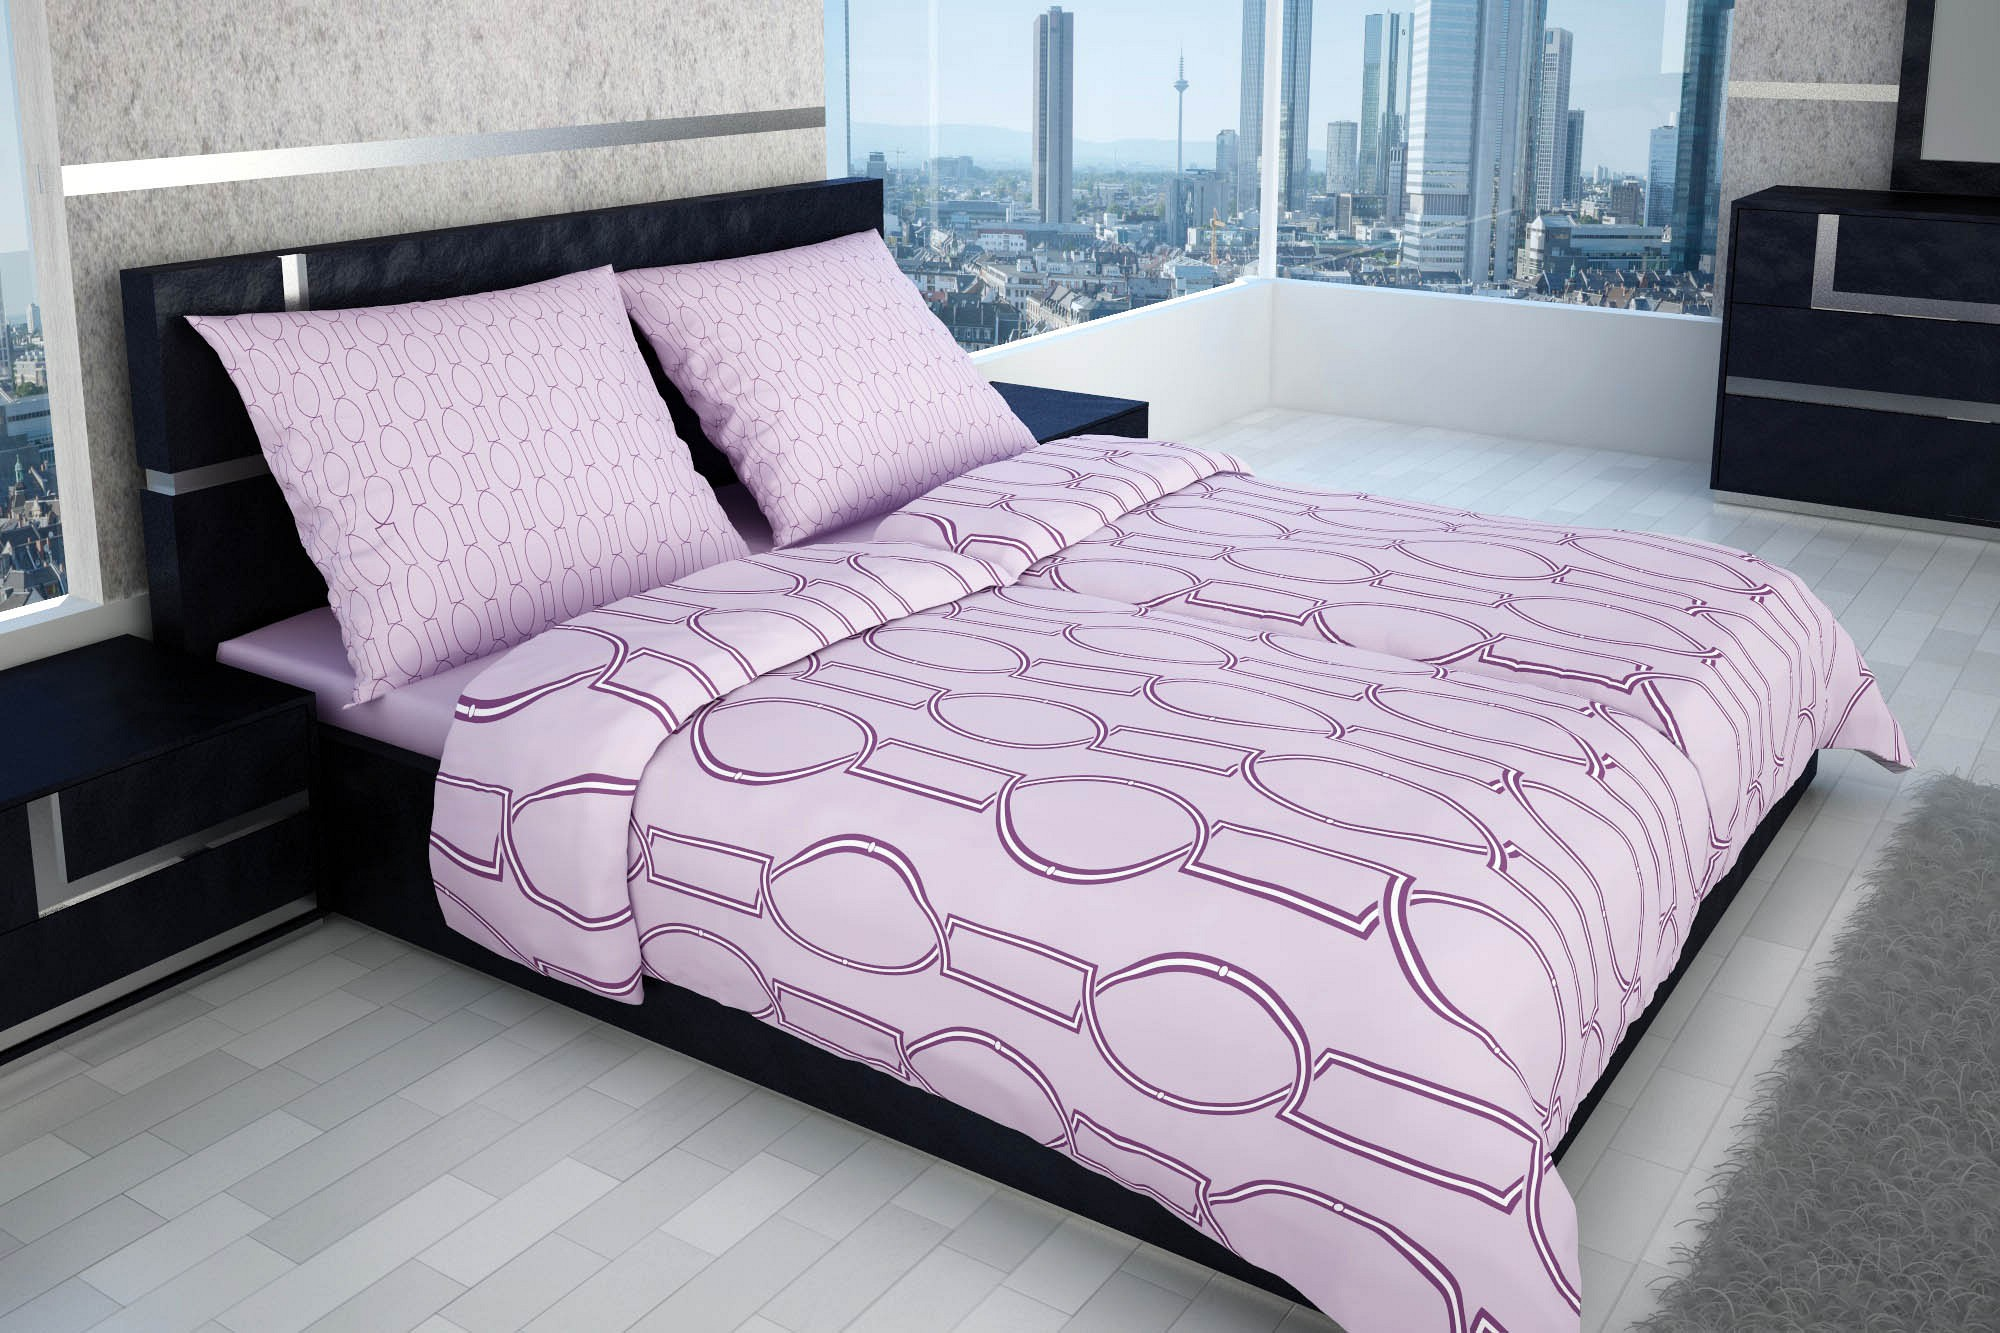 hochwertige bettw sche in flieder mit ruhigem muster glamonde. Black Bedroom Furniture Sets. Home Design Ideas